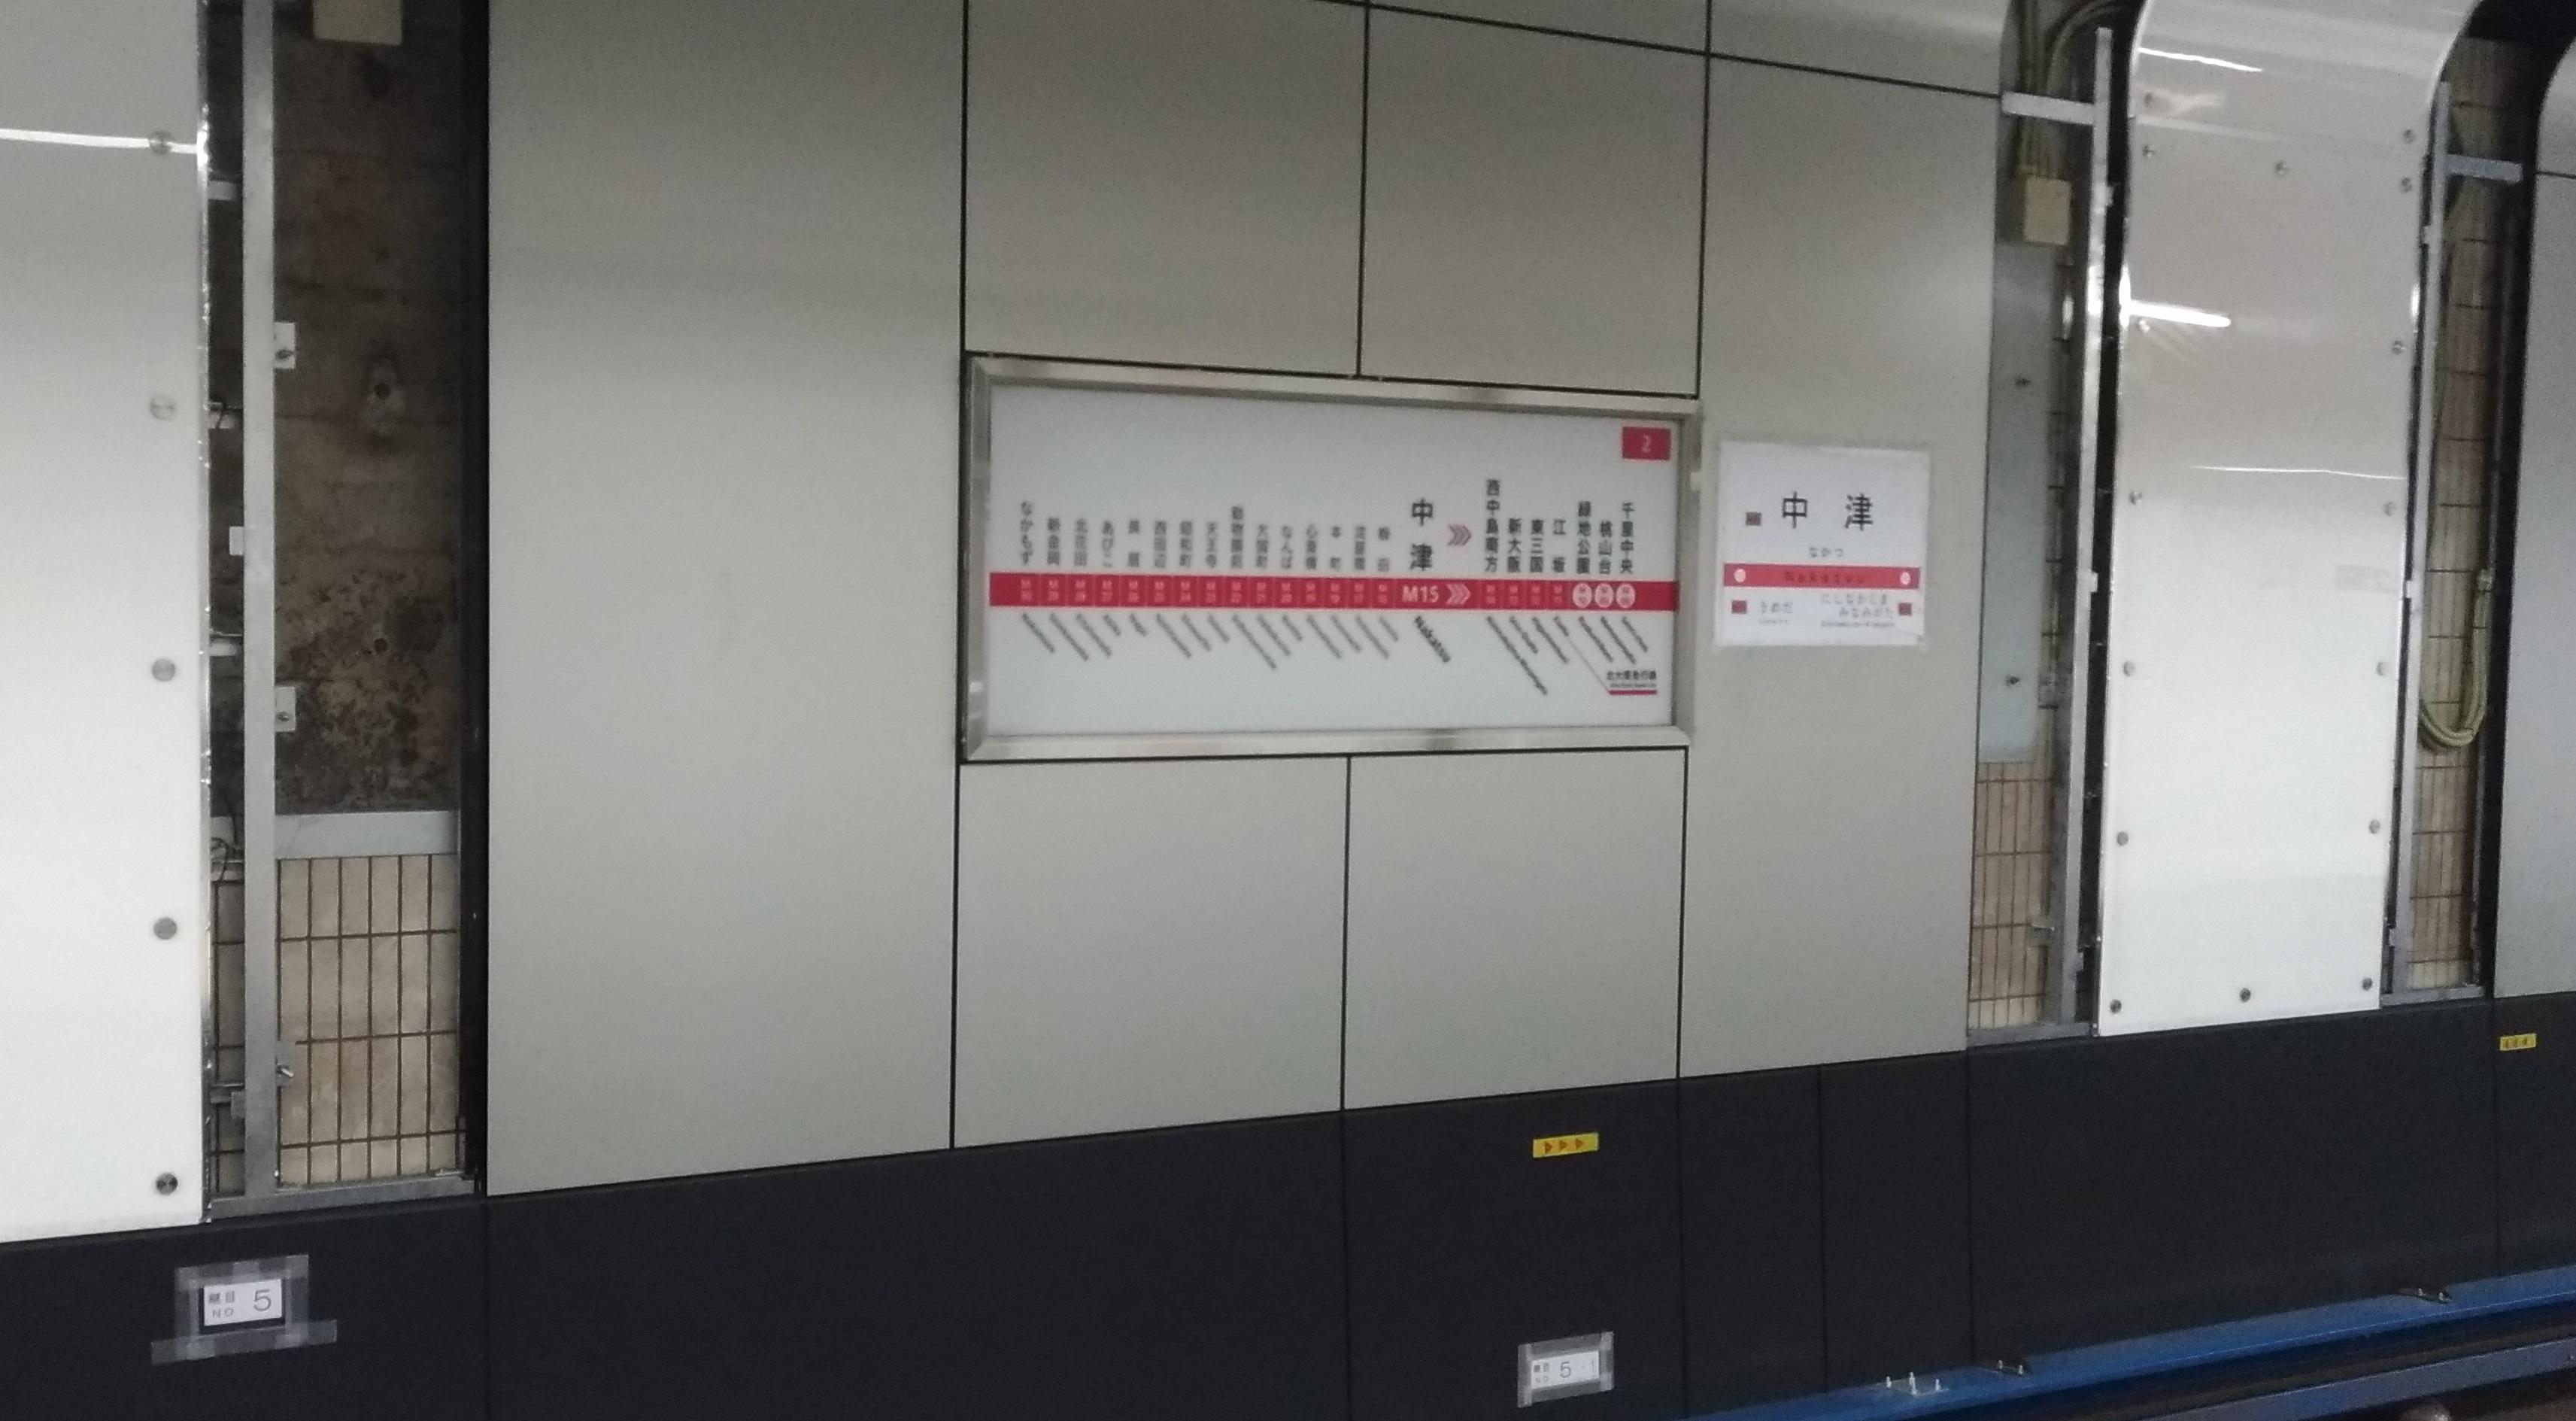 osaka_metro_nakatsu_midosujisen1.jpg